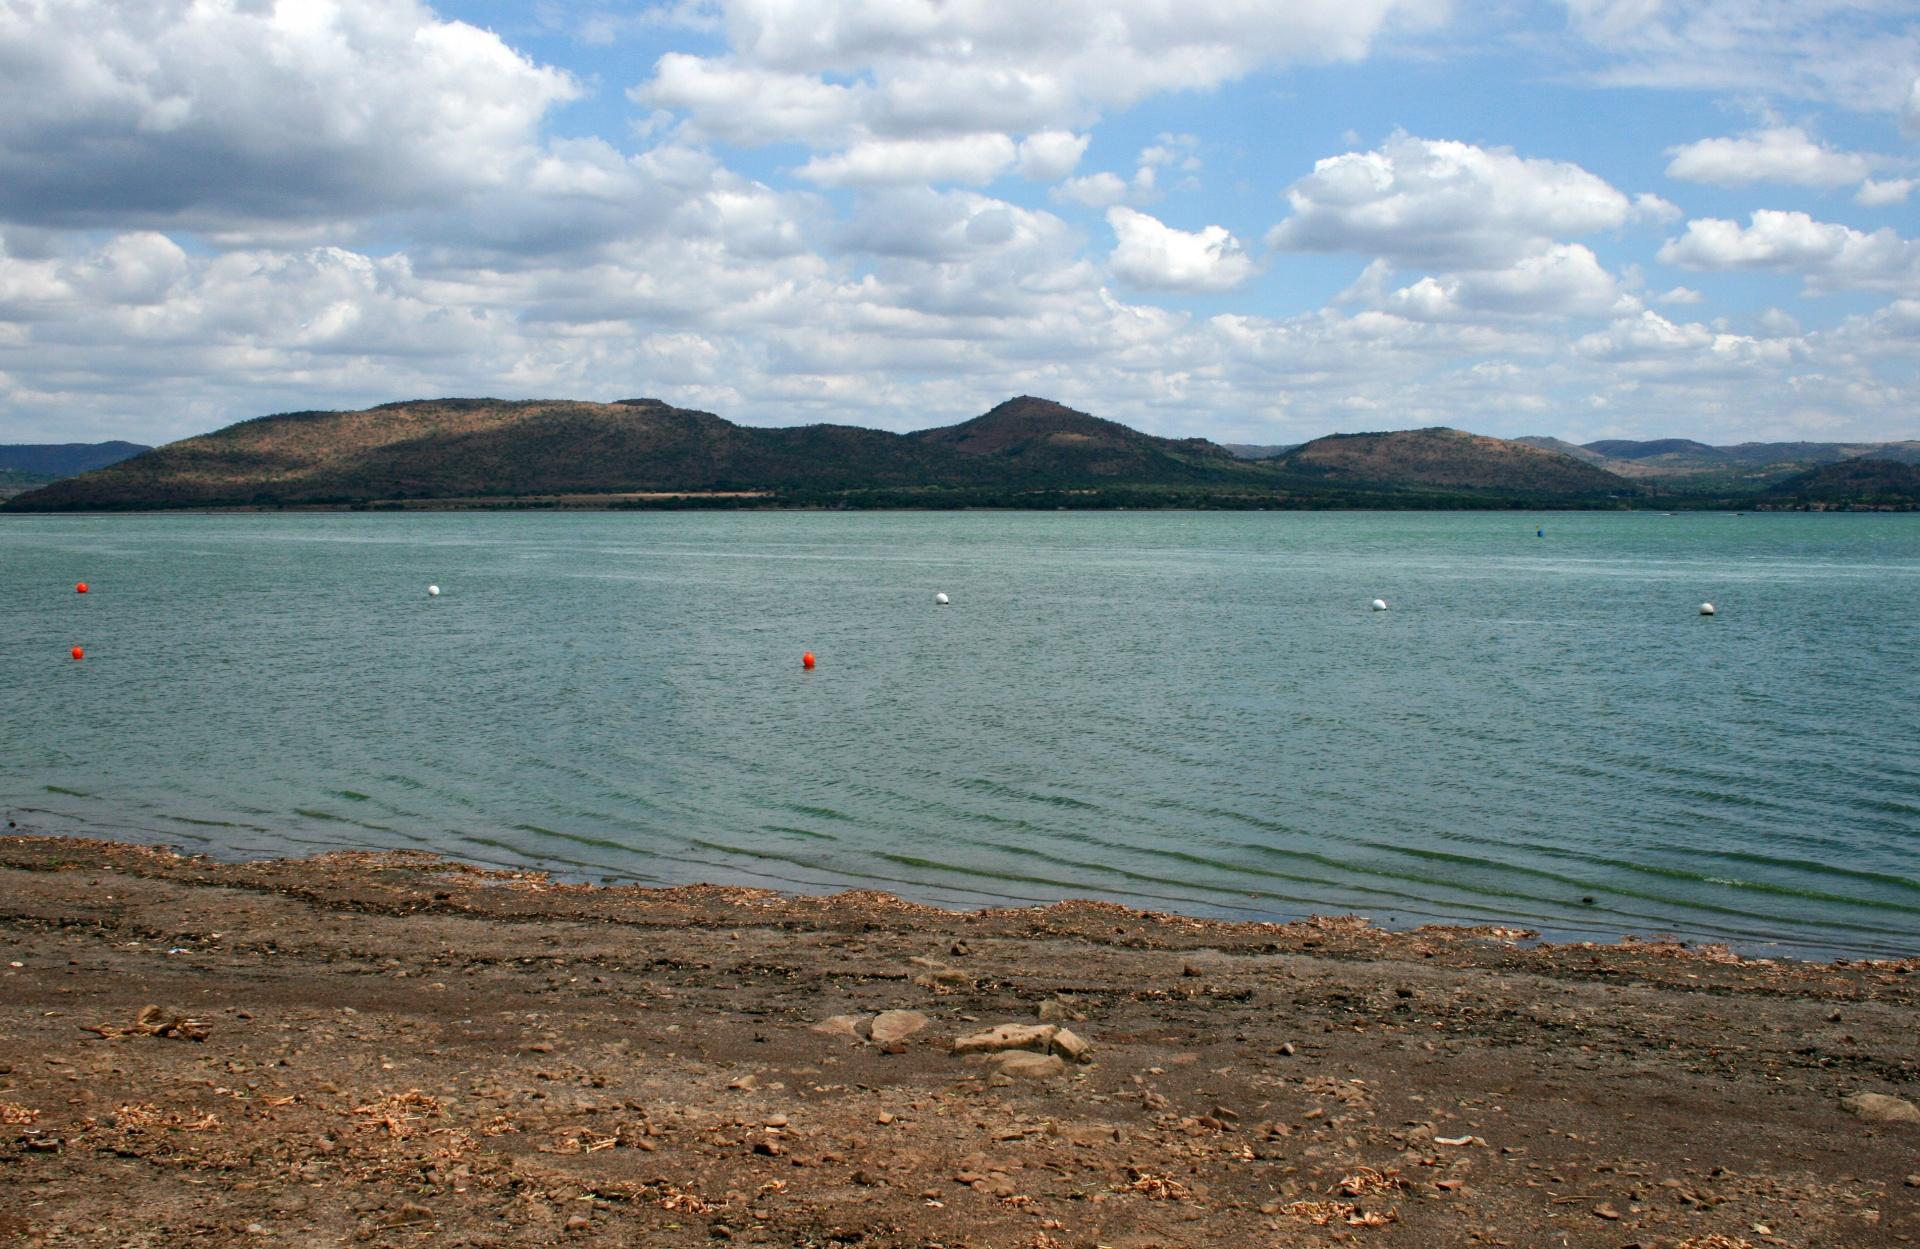 Lake shore photo